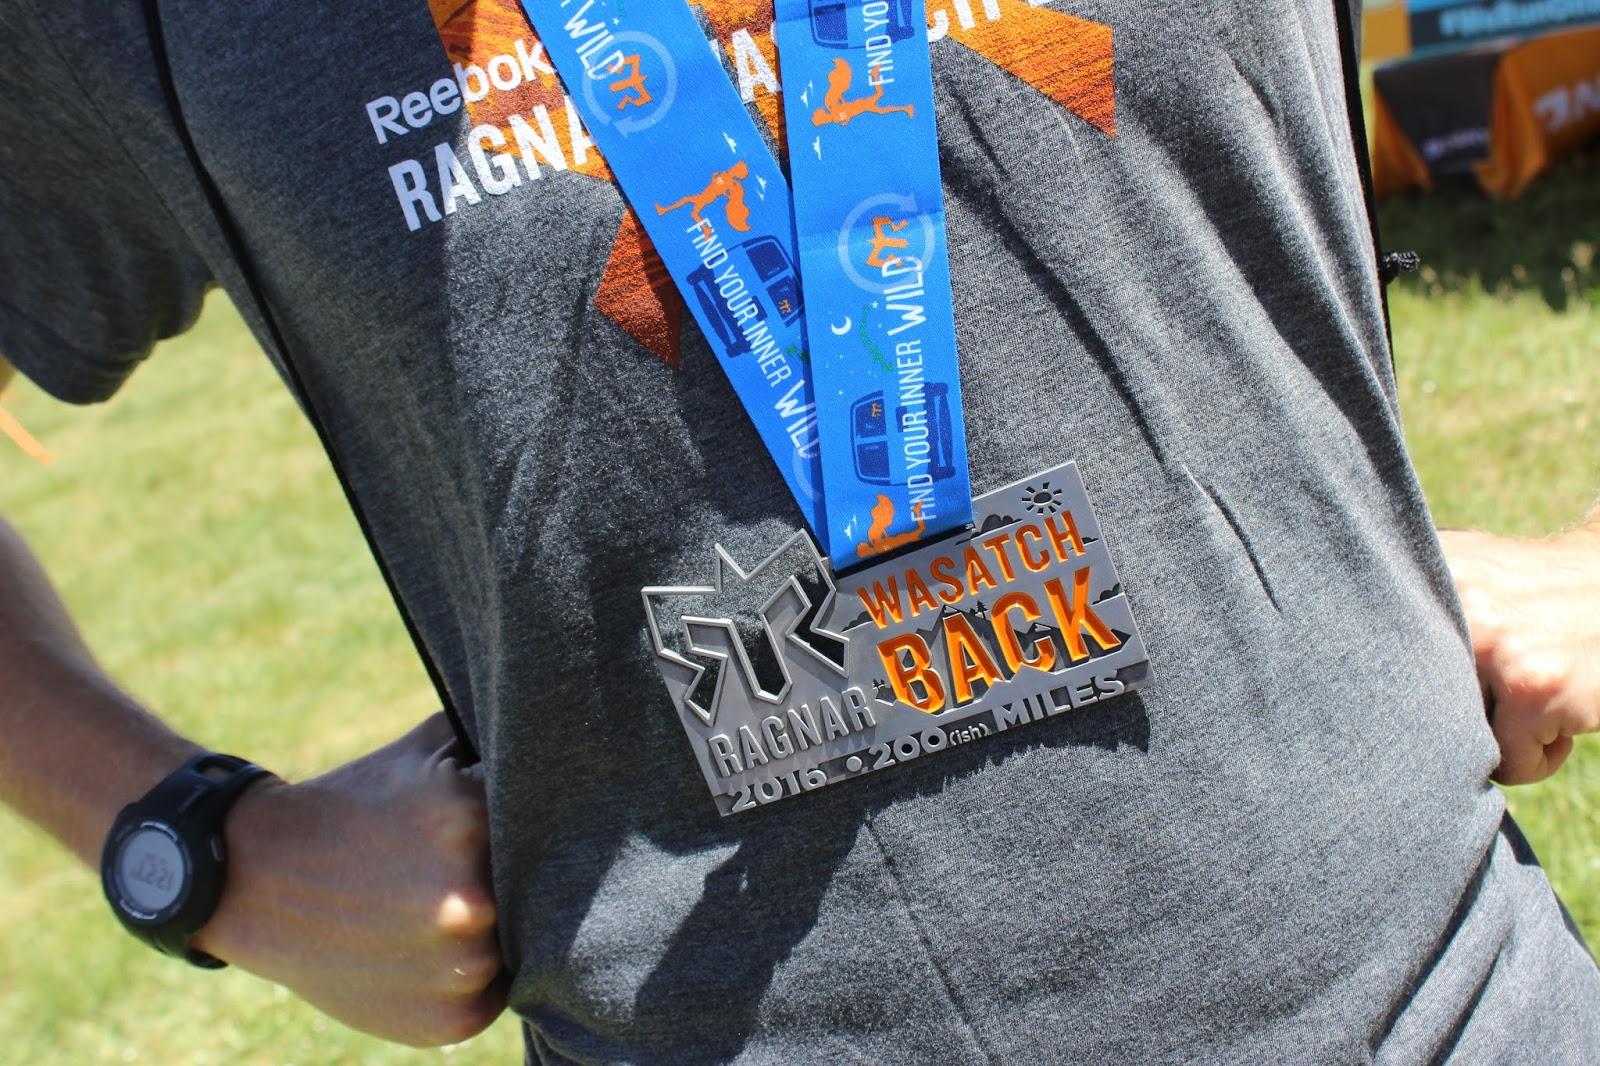 2016 Ragnar Wasatch Back Medal